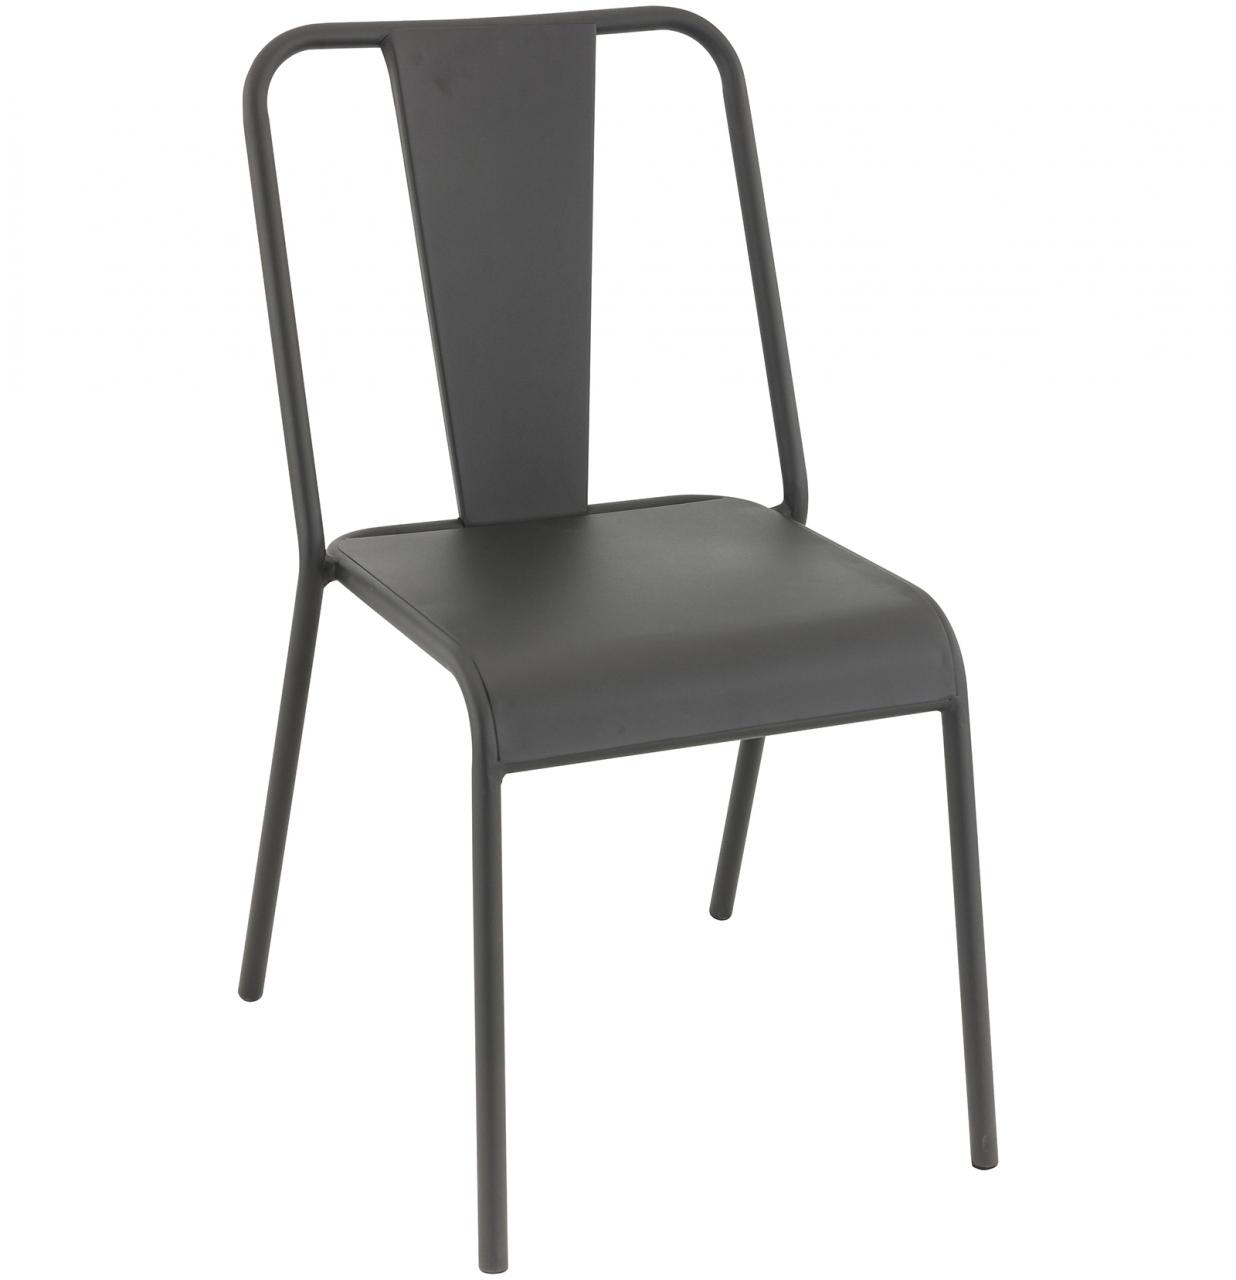 mobilier coulomb chaise de terrasse m tal rivoli mobilier terrasse de bar restaurant chr. Black Bedroom Furniture Sets. Home Design Ideas